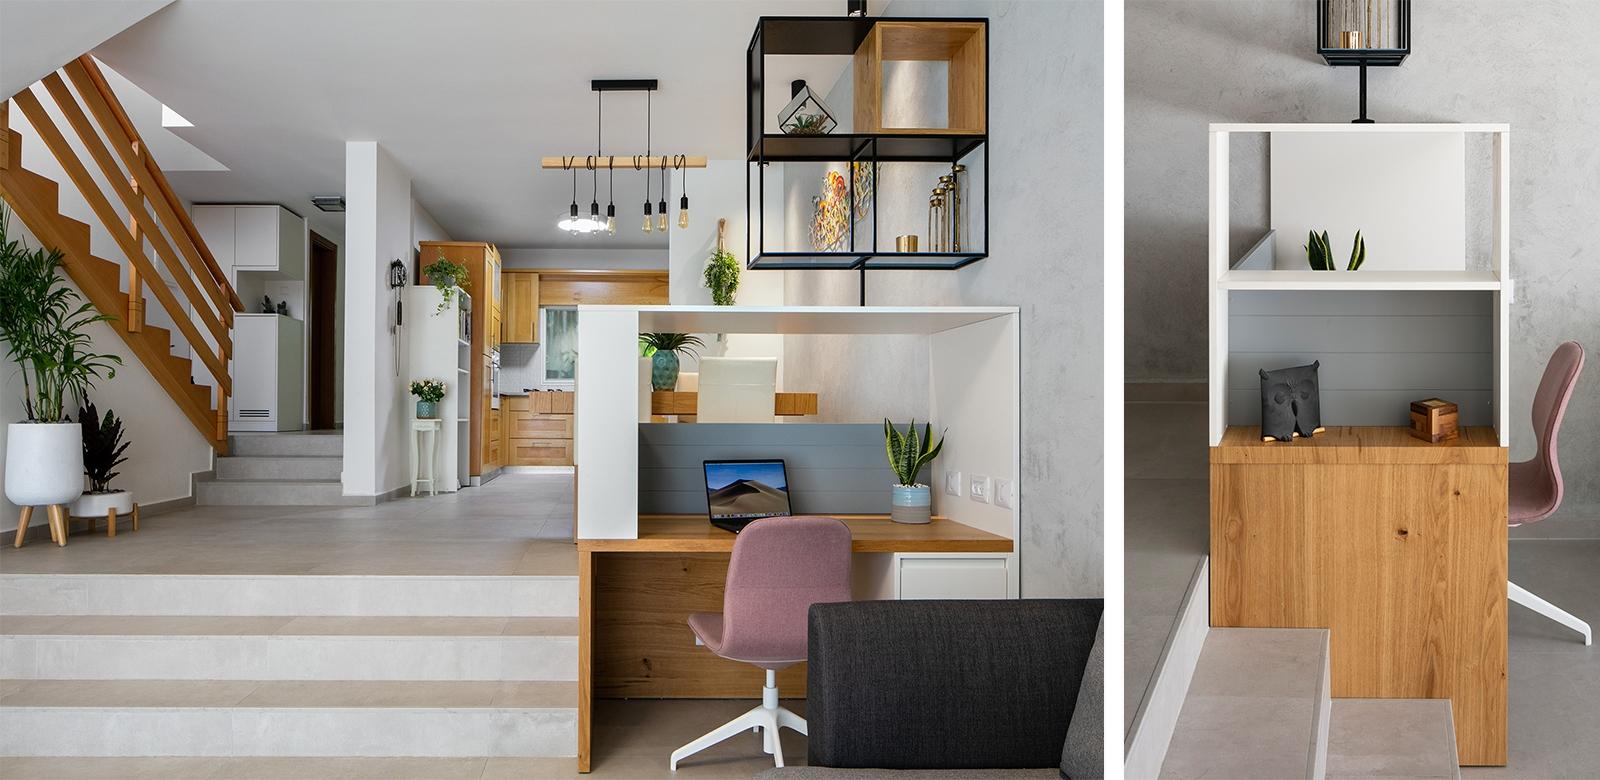 עיצוב דירה בחיפה - תמונה מספר 7